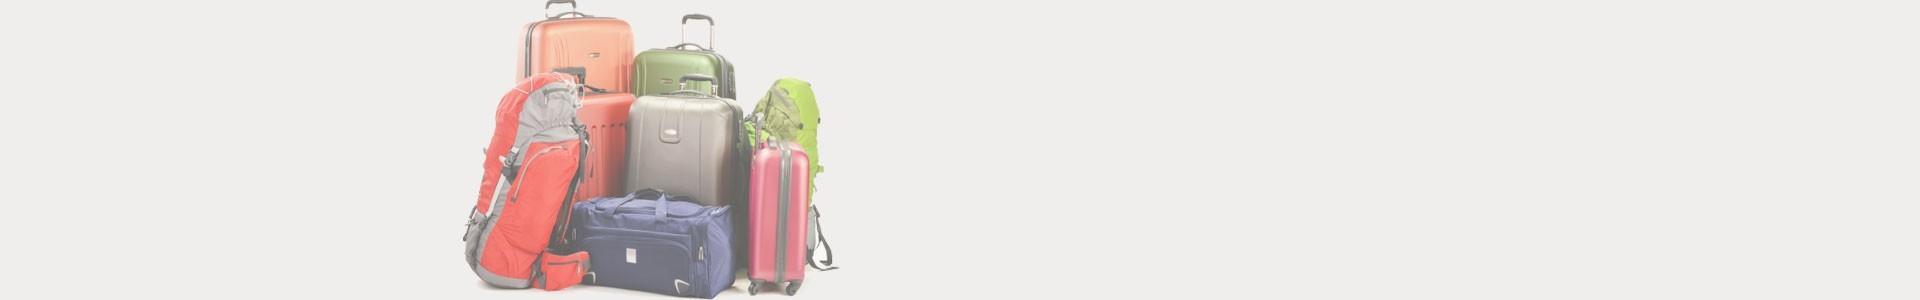 Rucksack & Koffer online | Jetzt bei AnyGivenSunday.Shop